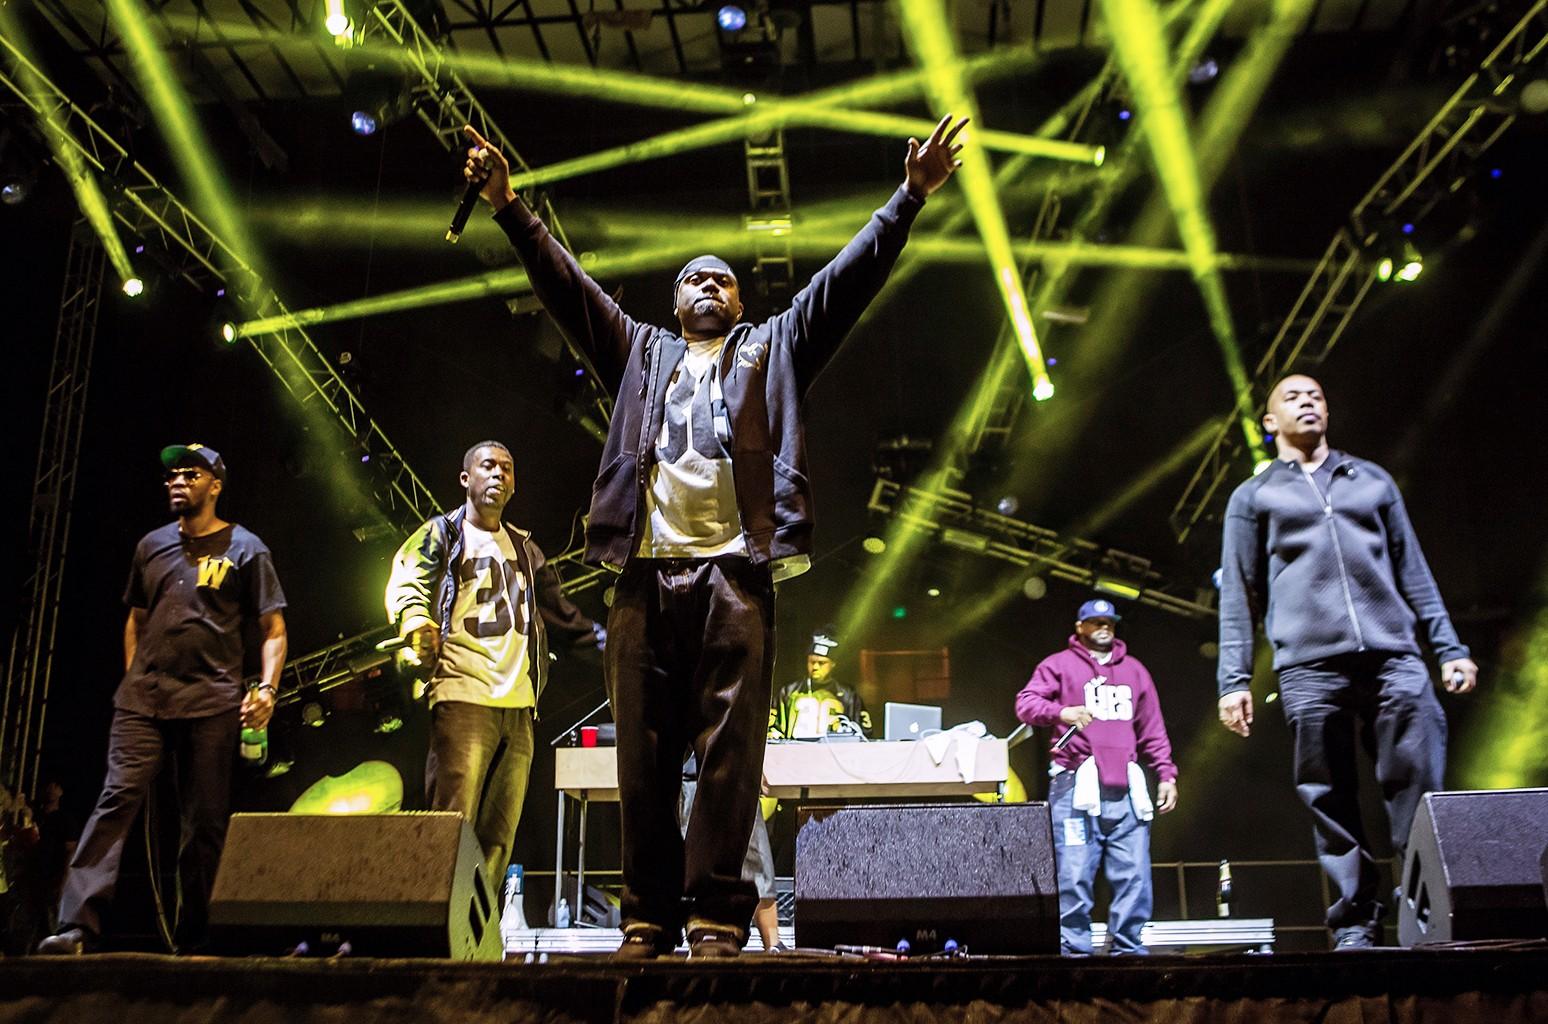 Wu-Tang Clan perform in 2014